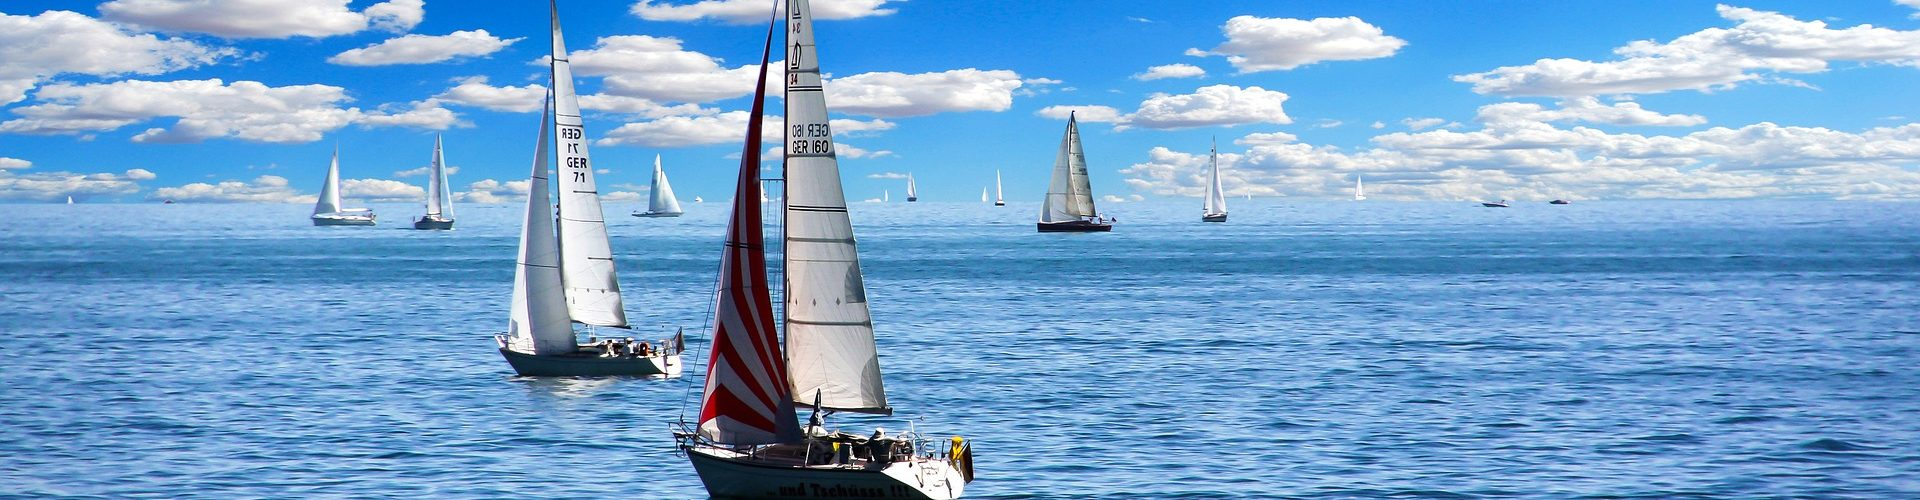 segeln lernen in Reinbek segelschein machen in Reinbek 1920x500 - Segeln lernen in Reinbek